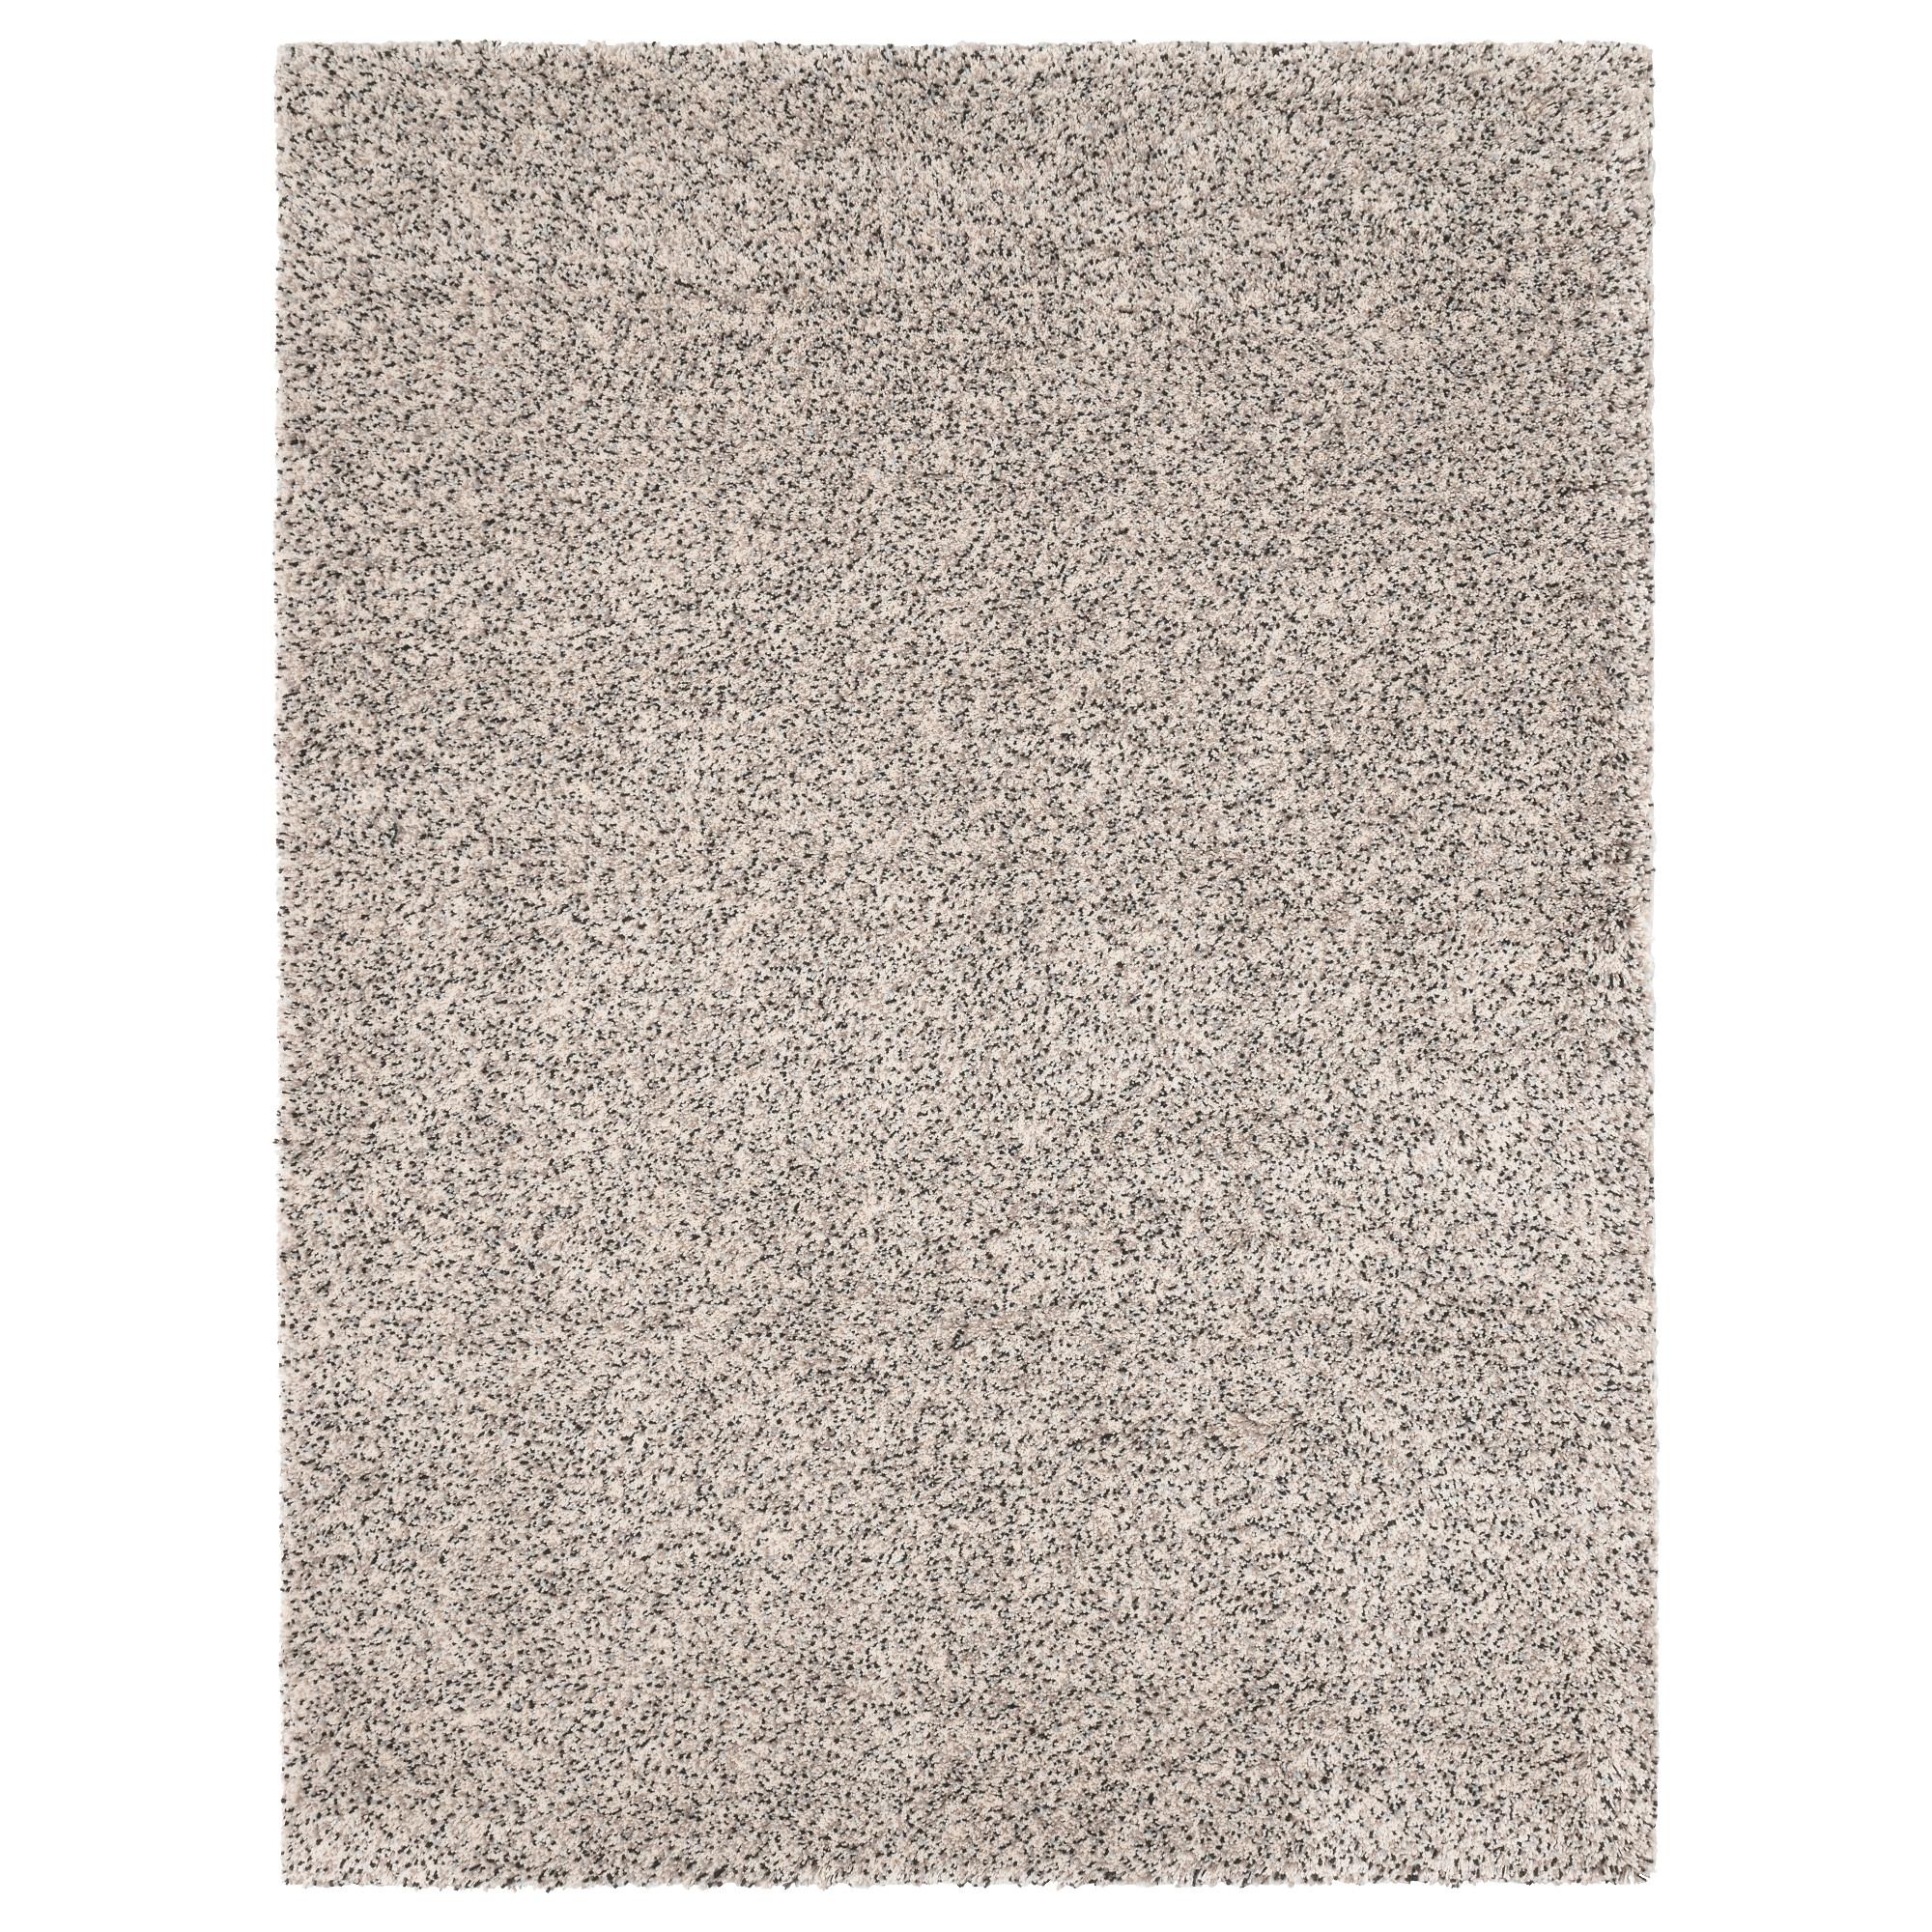 Limpiar alfombras de pelo largo como quitar manchas de heces en la alfombra with como limpiar - Como limpiar una alfombra de pelo largo ...